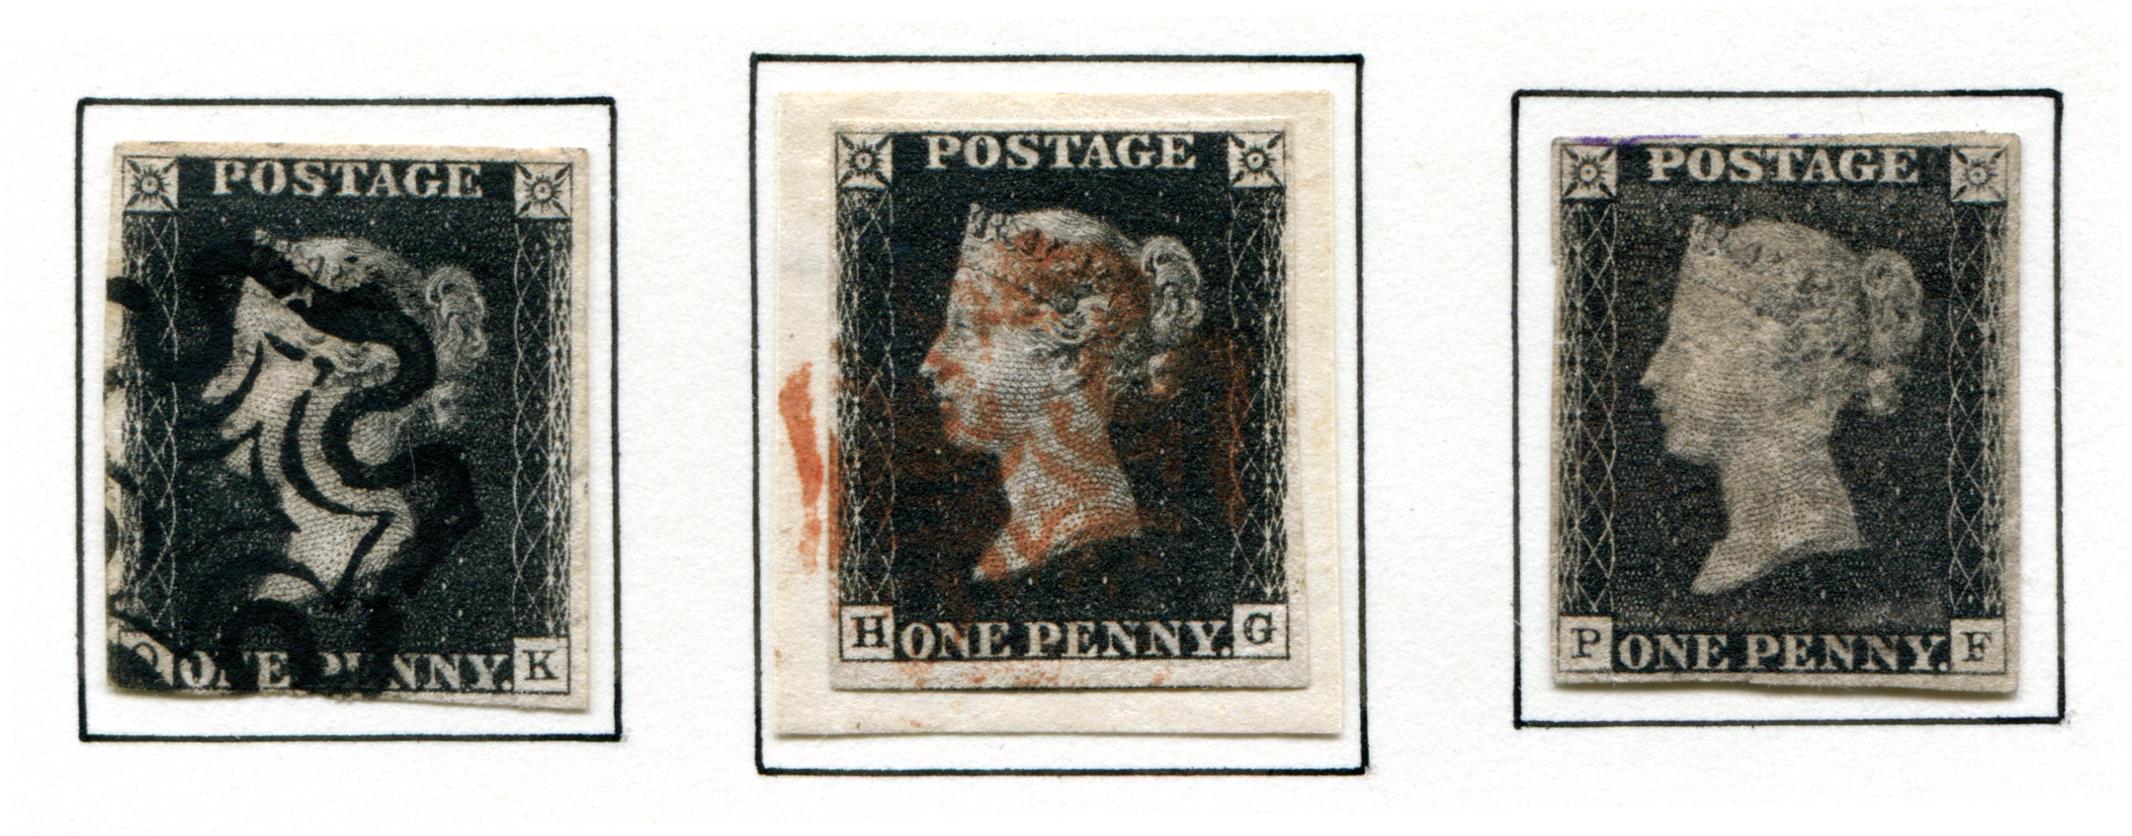 Die Geburtsstunde Der Briefmarke Großbritanniens Penny Black